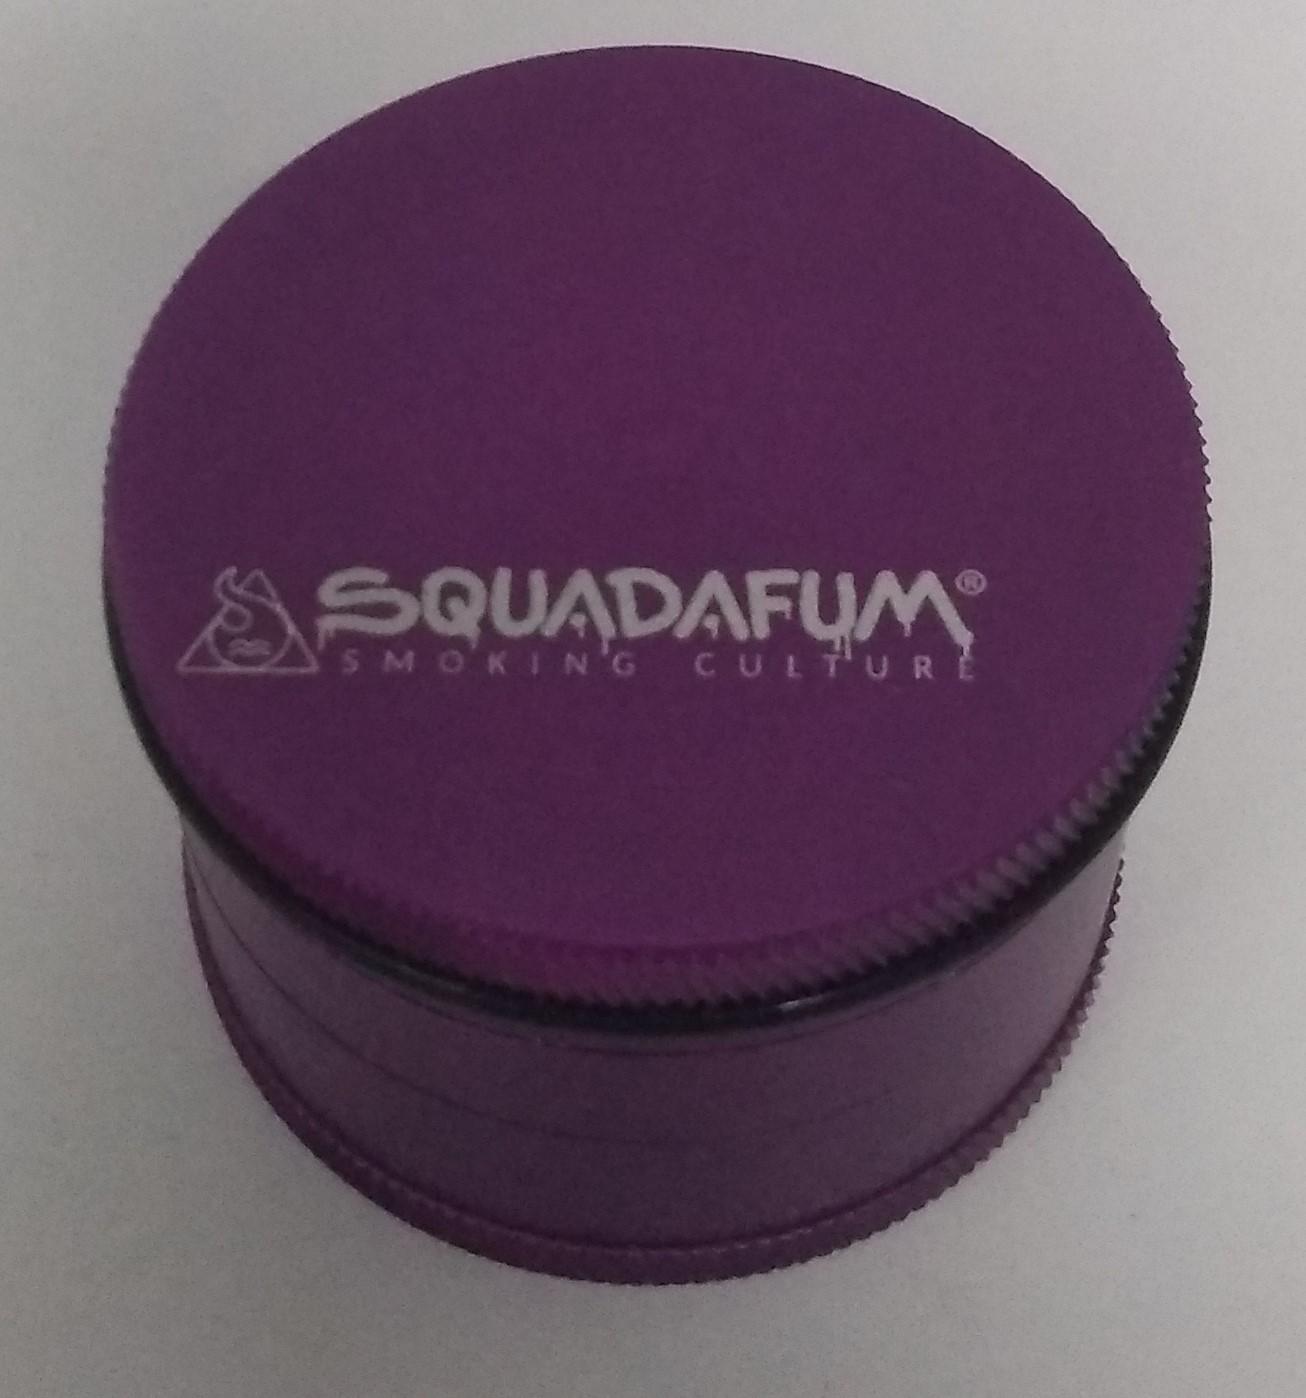 Triturador Squadafum 4010 Roxo